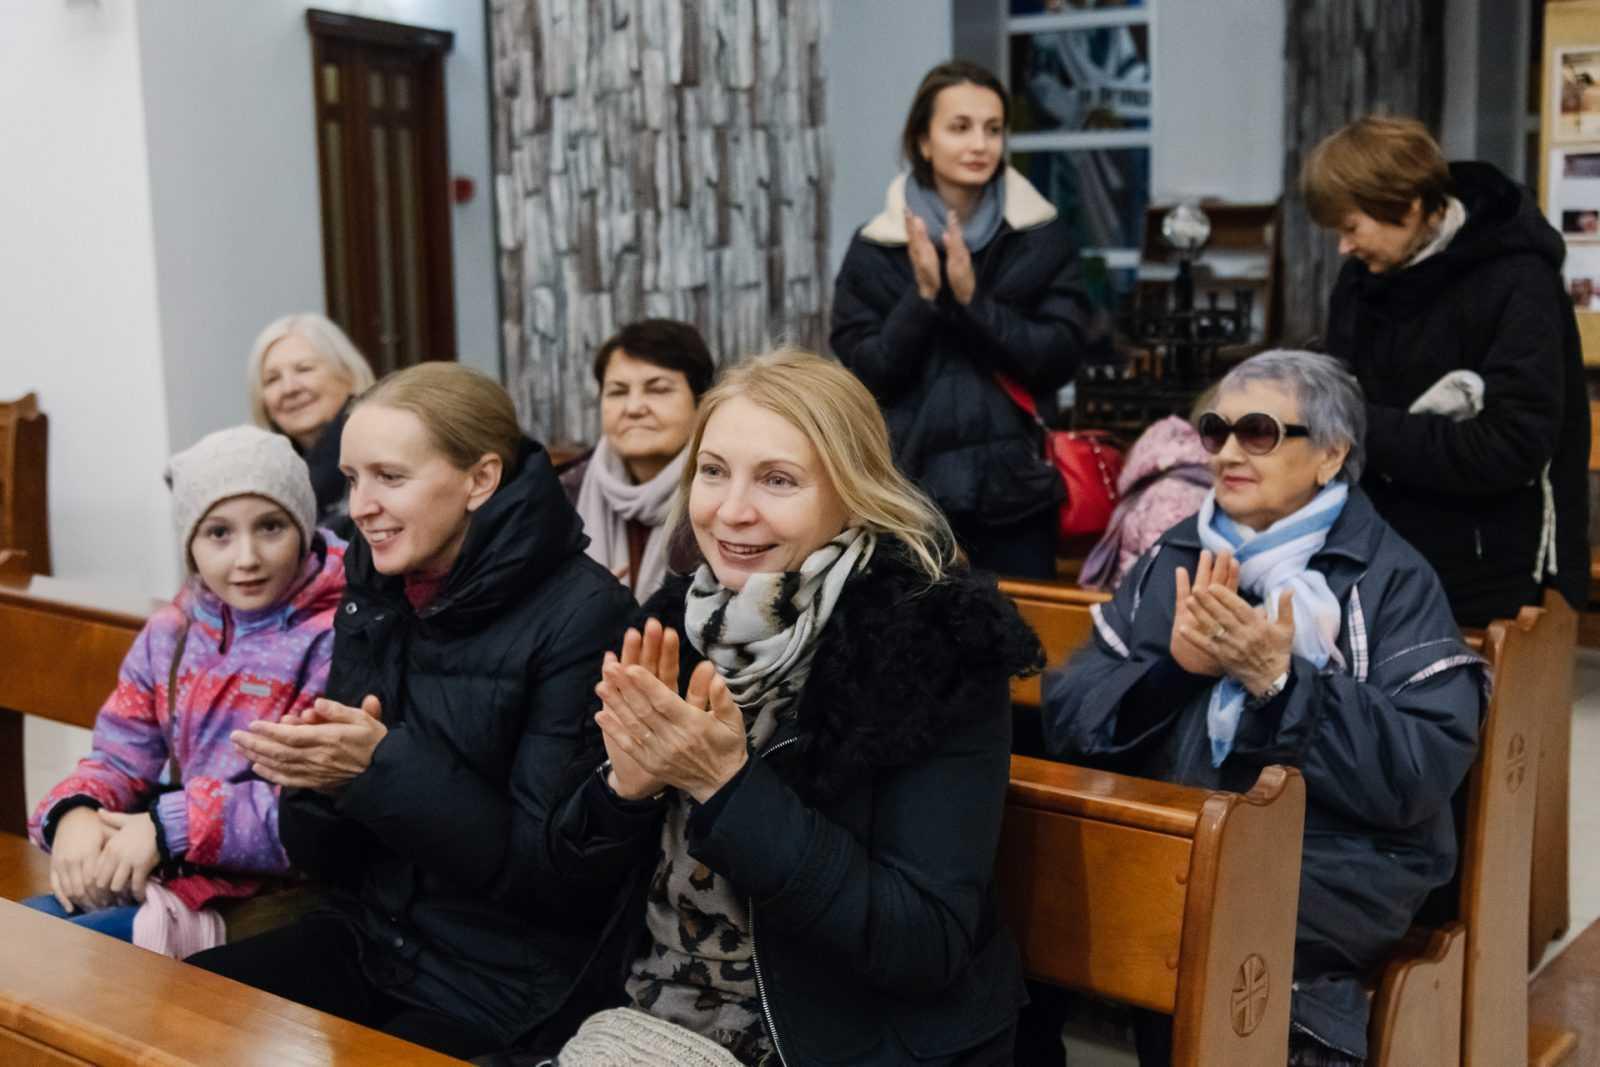 Музыка в храме КОНЦЕРТ «МАСТЕРА БАРОККО» 26.10.2019 42